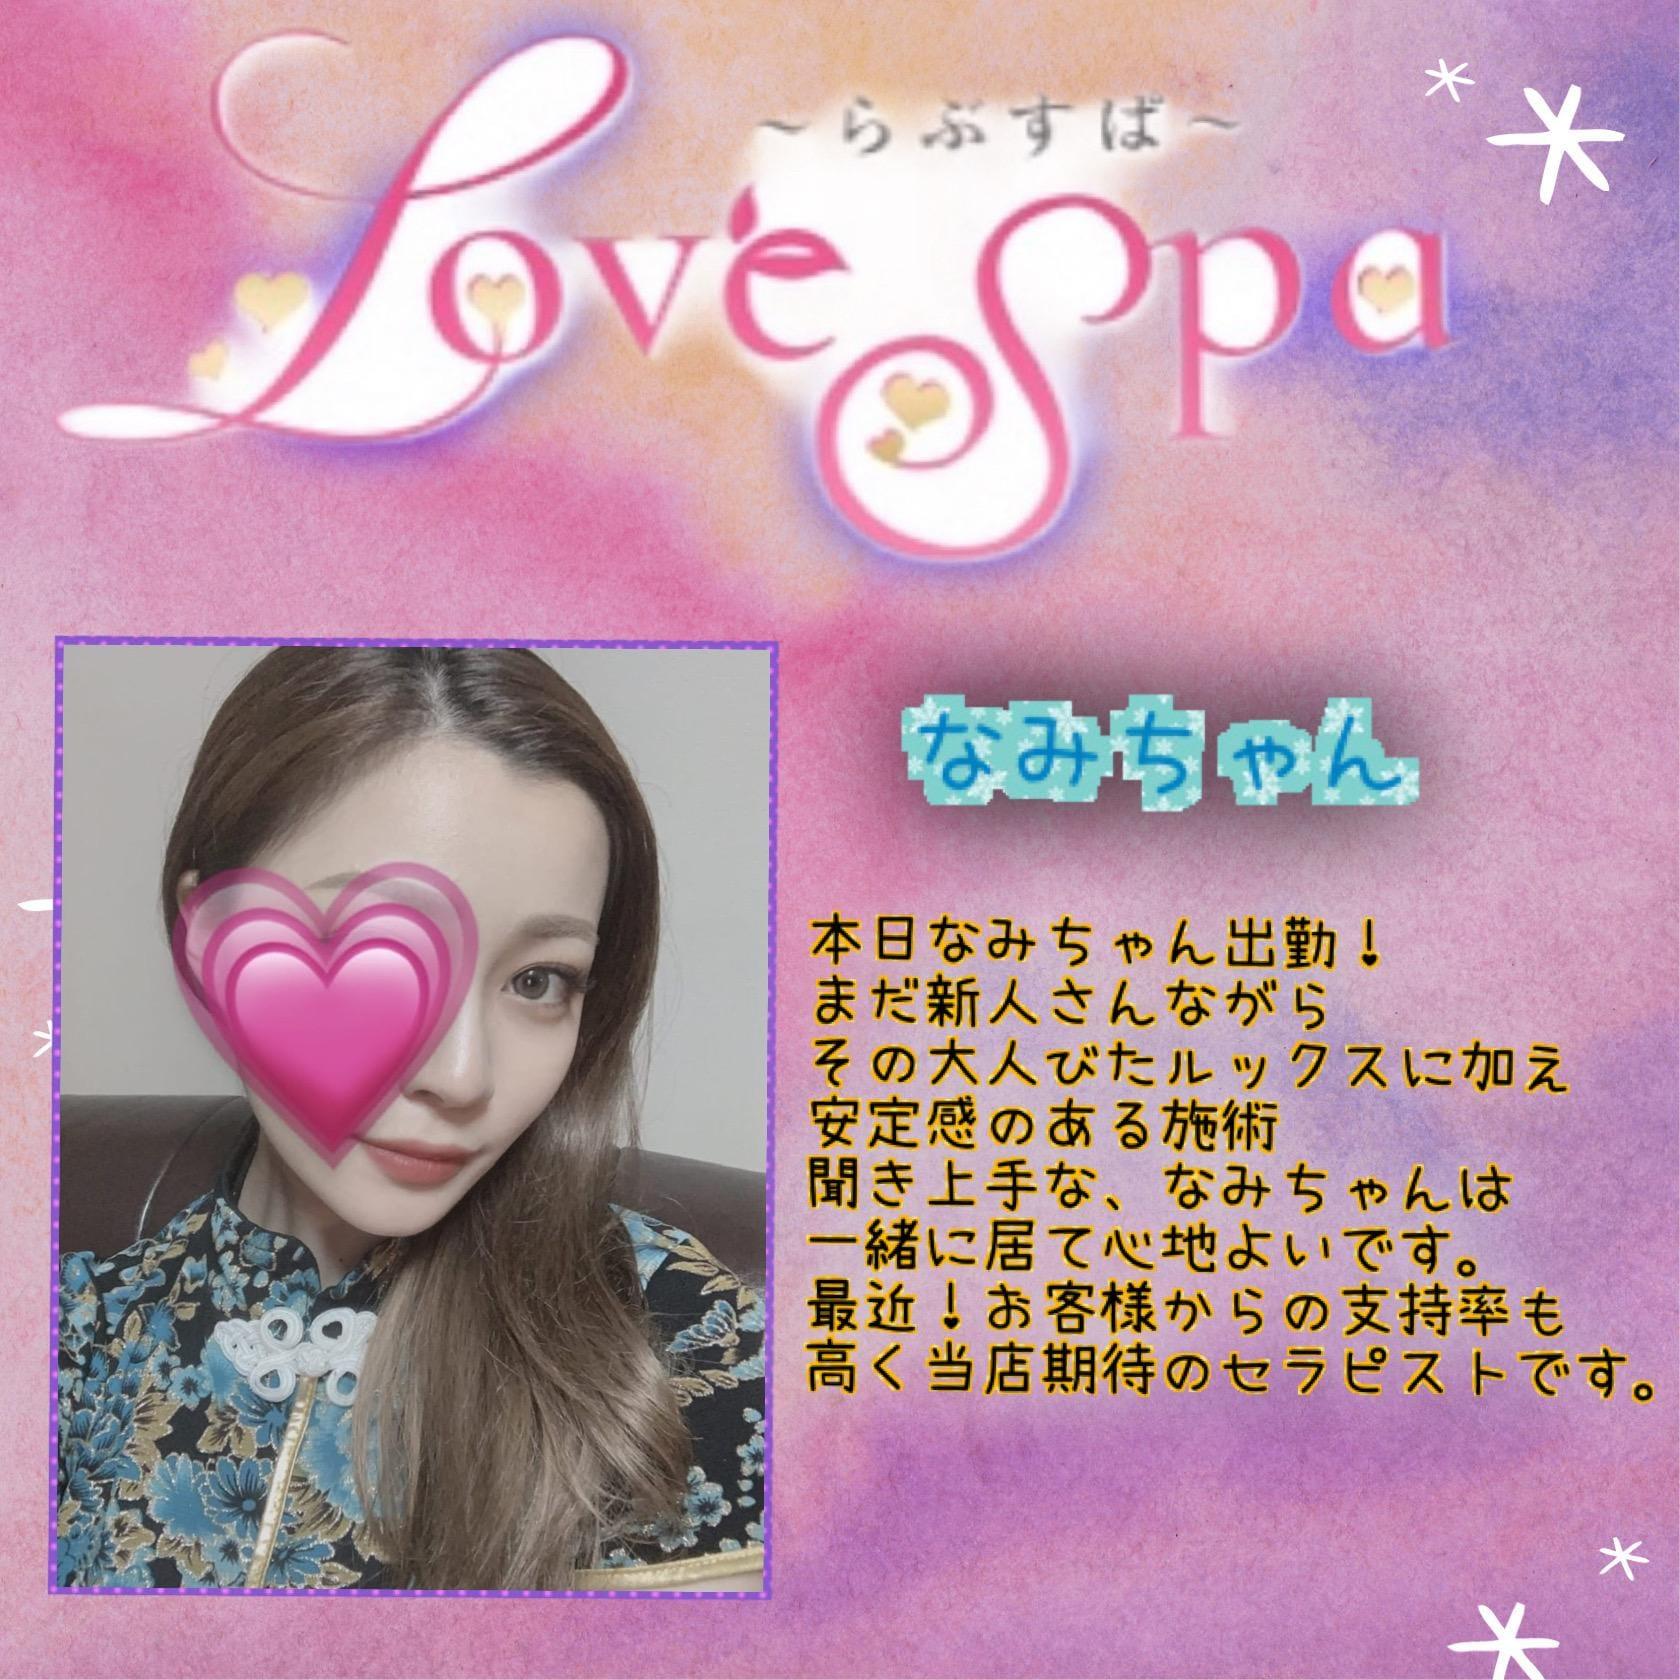 「本日なみちゃん」09/21(火) 17:08 | LoveSpa ~ラブスパ~の写メ日記